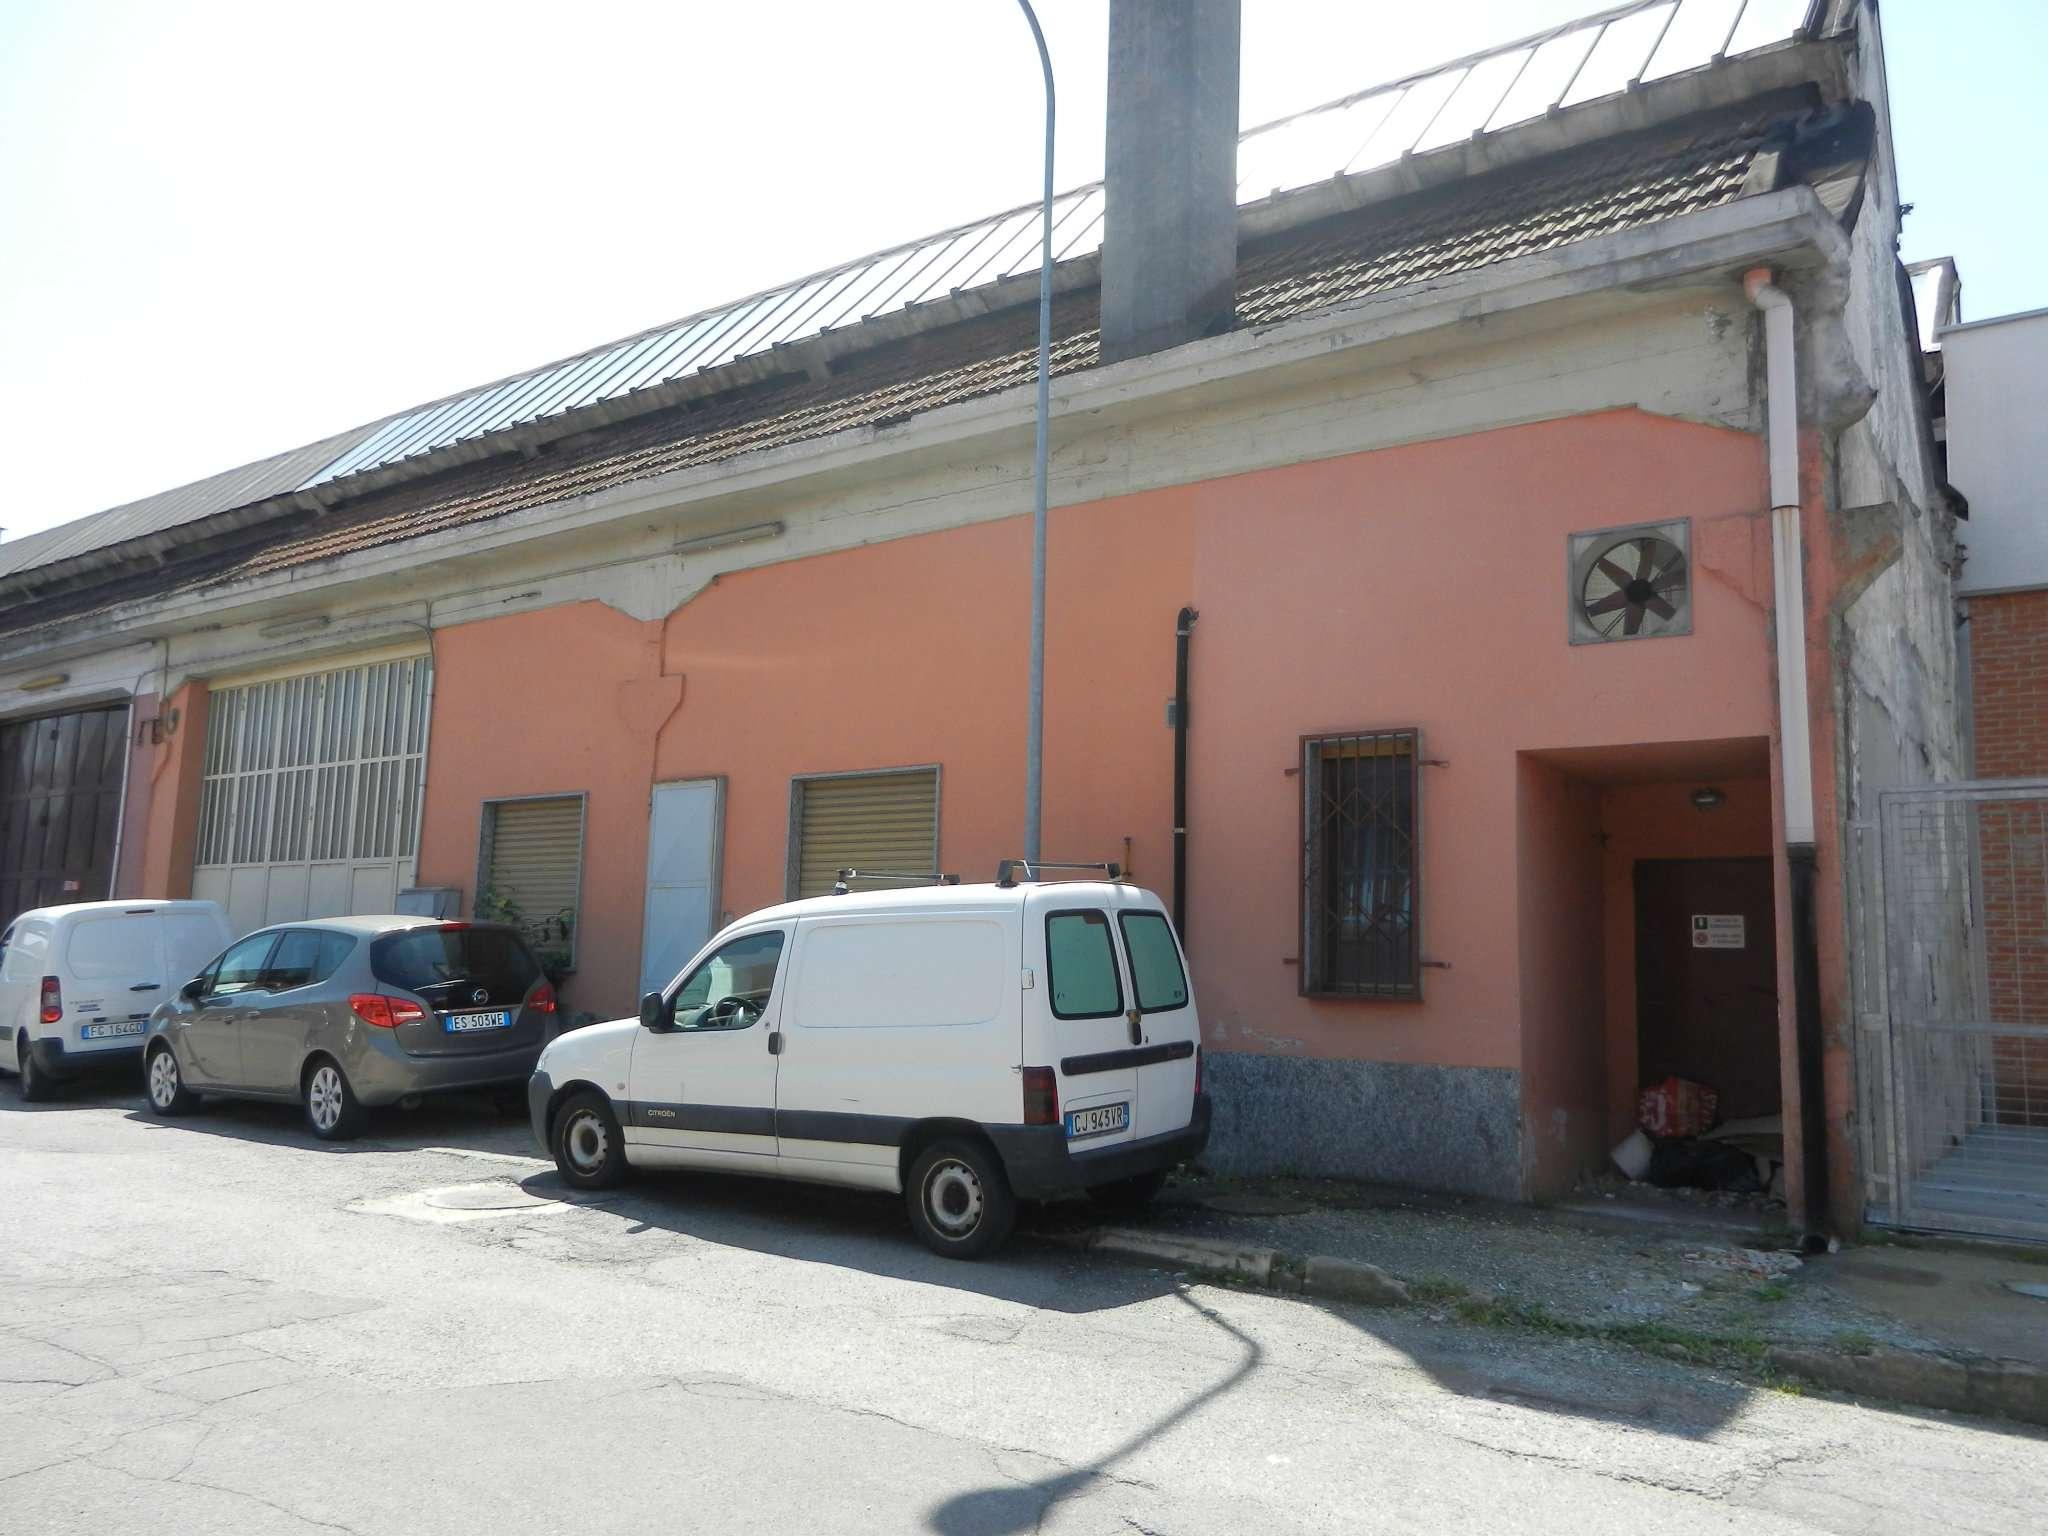 Immagine immobiliare AFFITTASI CAPANNONE Venaria, via Cavallo, in complesso industriale costituito da numerosi capannoni con portineria in comune proponiamo in locazione capannone di circa Mq. 1000 in ottime condizioni e completamente a norma composto da...